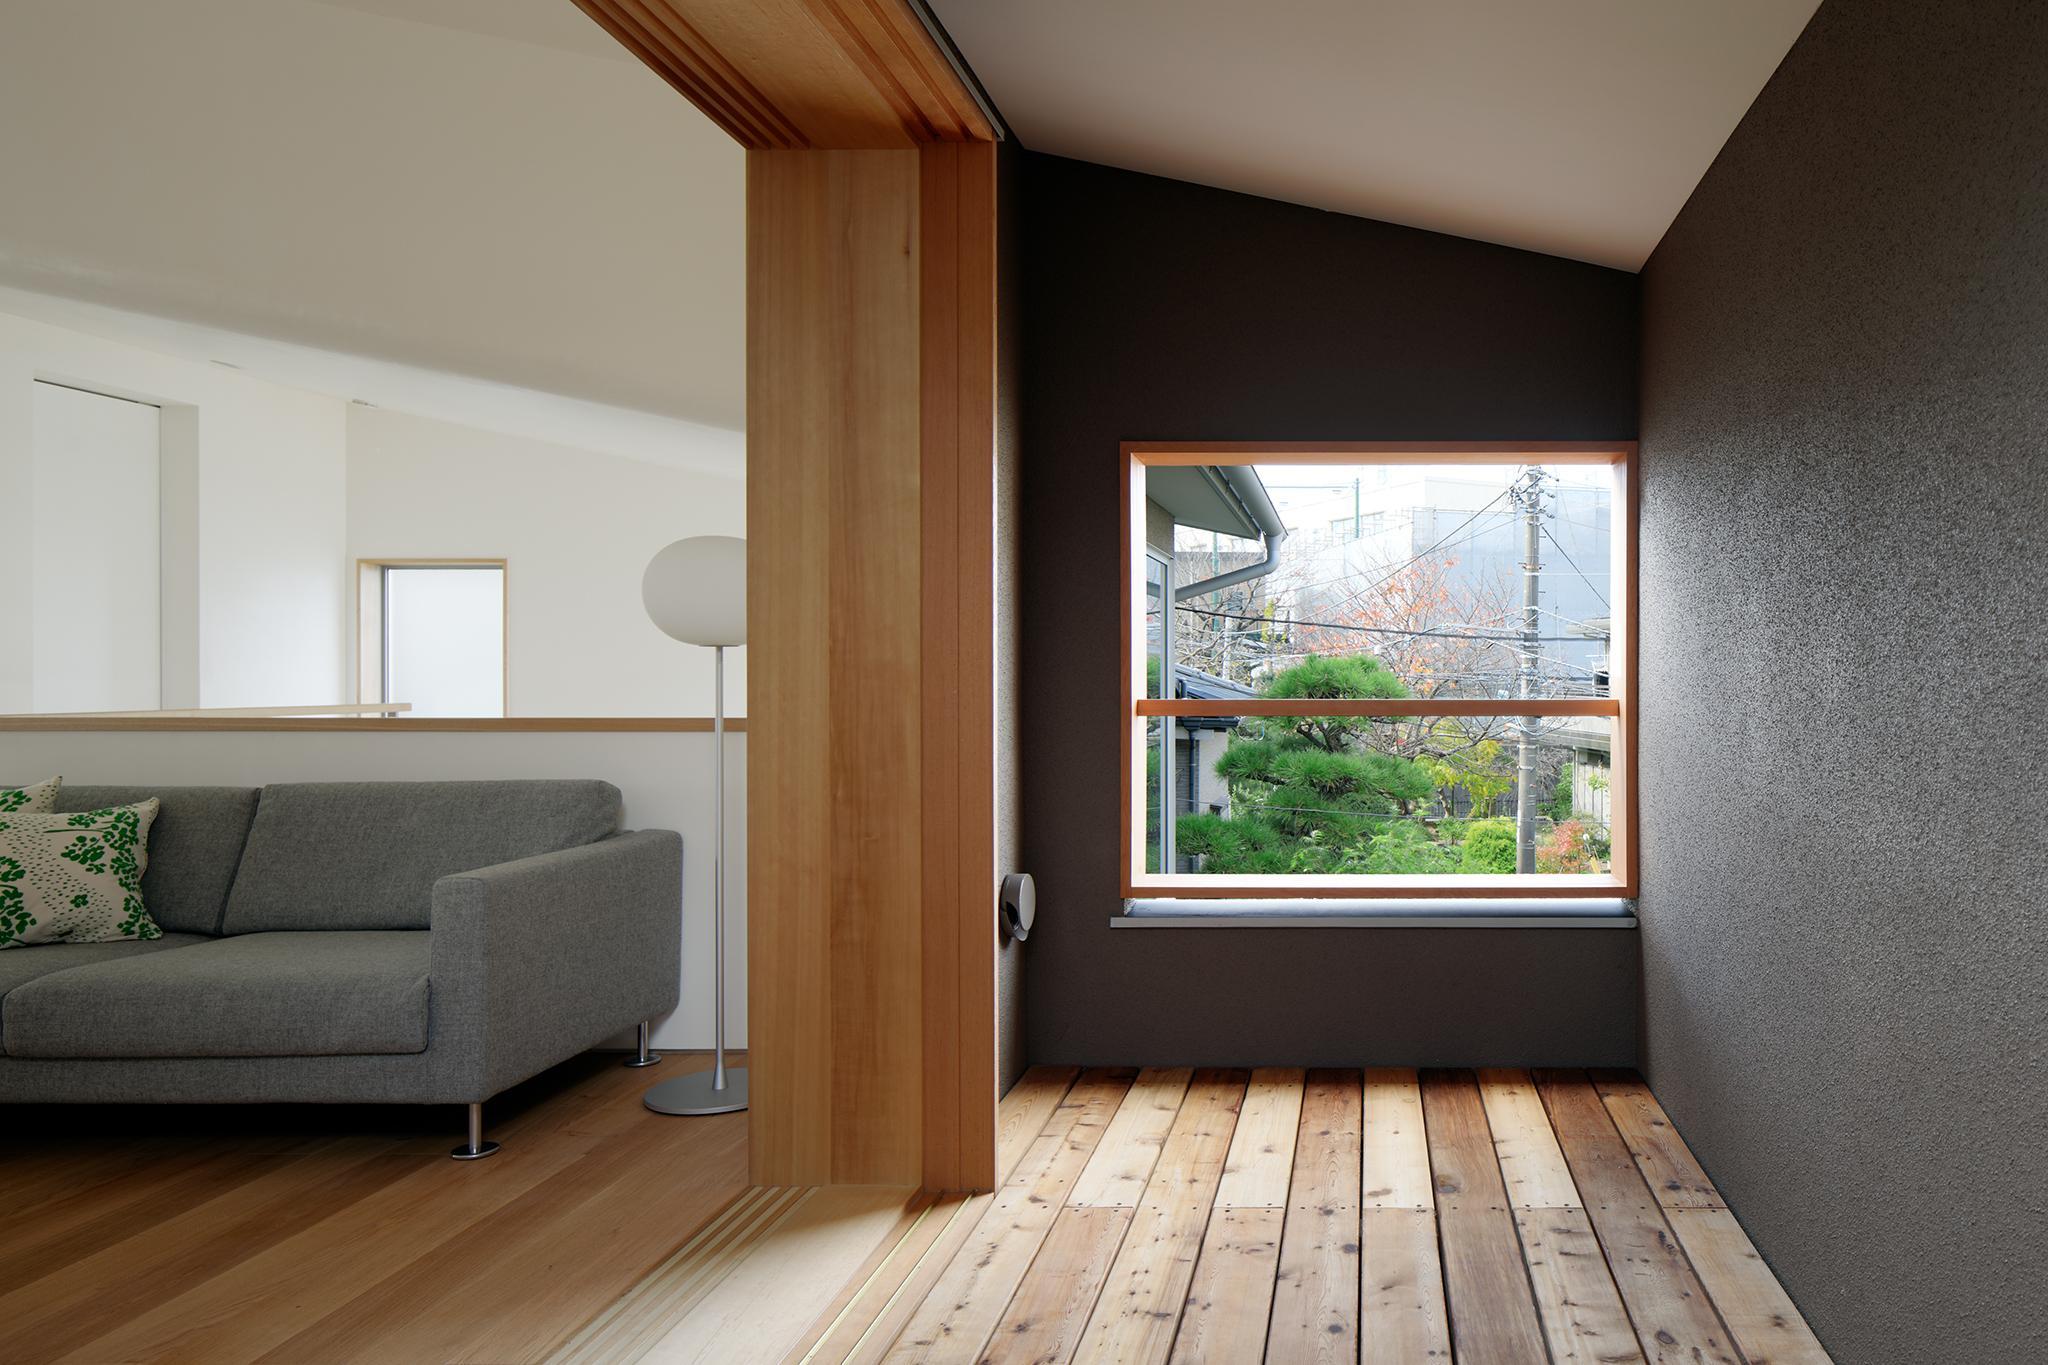 青木律典|デザインライフ設計室